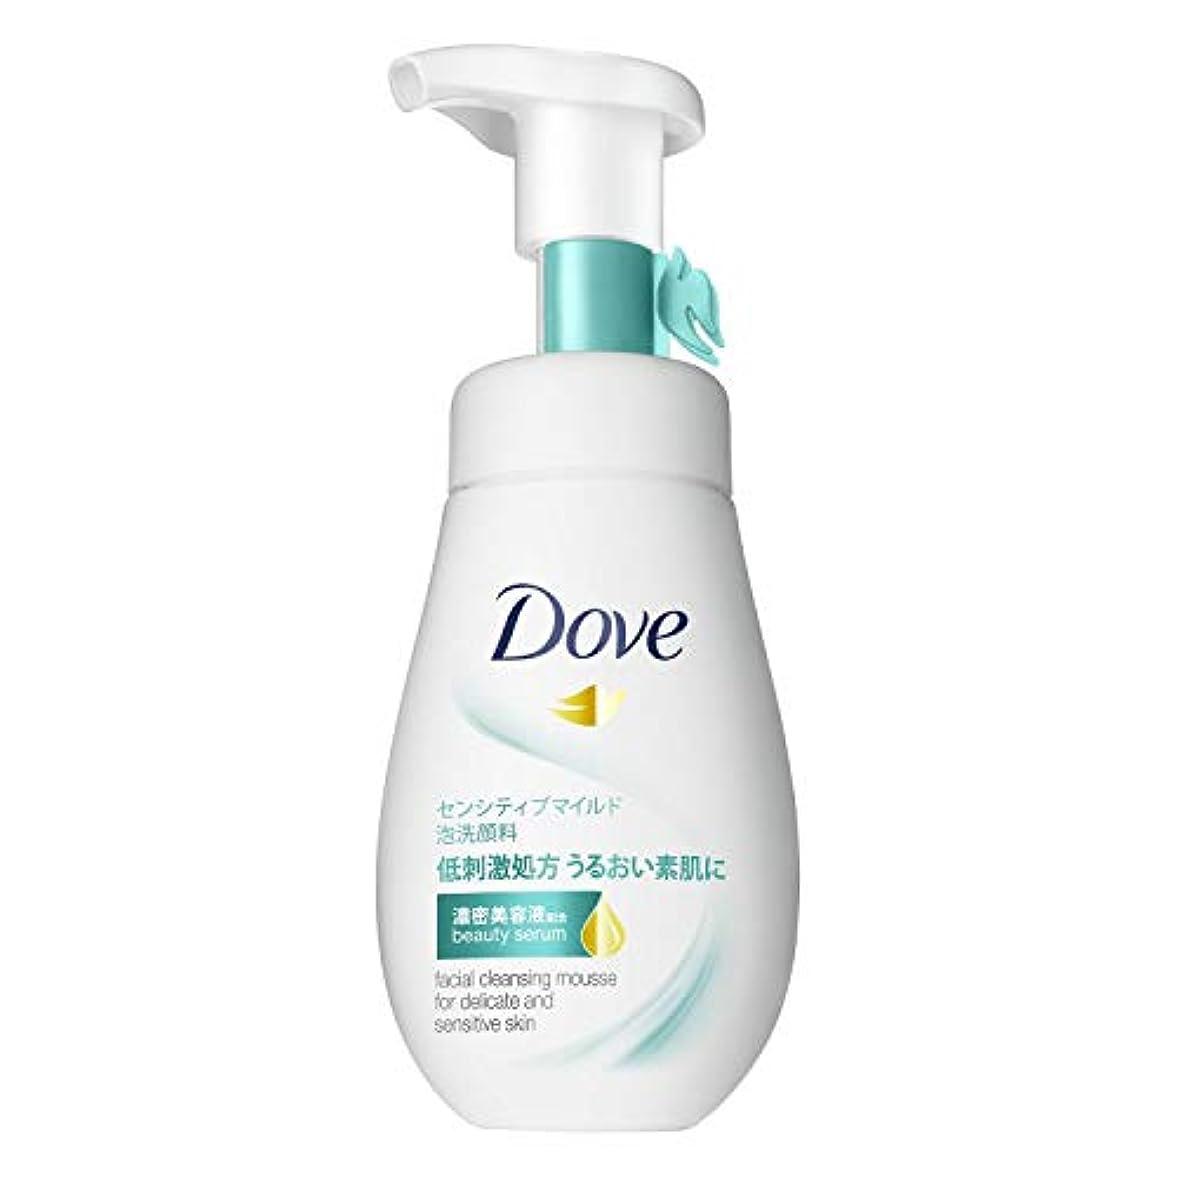 控えめなパンフレット漏れダヴ センシティブマイルド クリーミー泡洗顔料